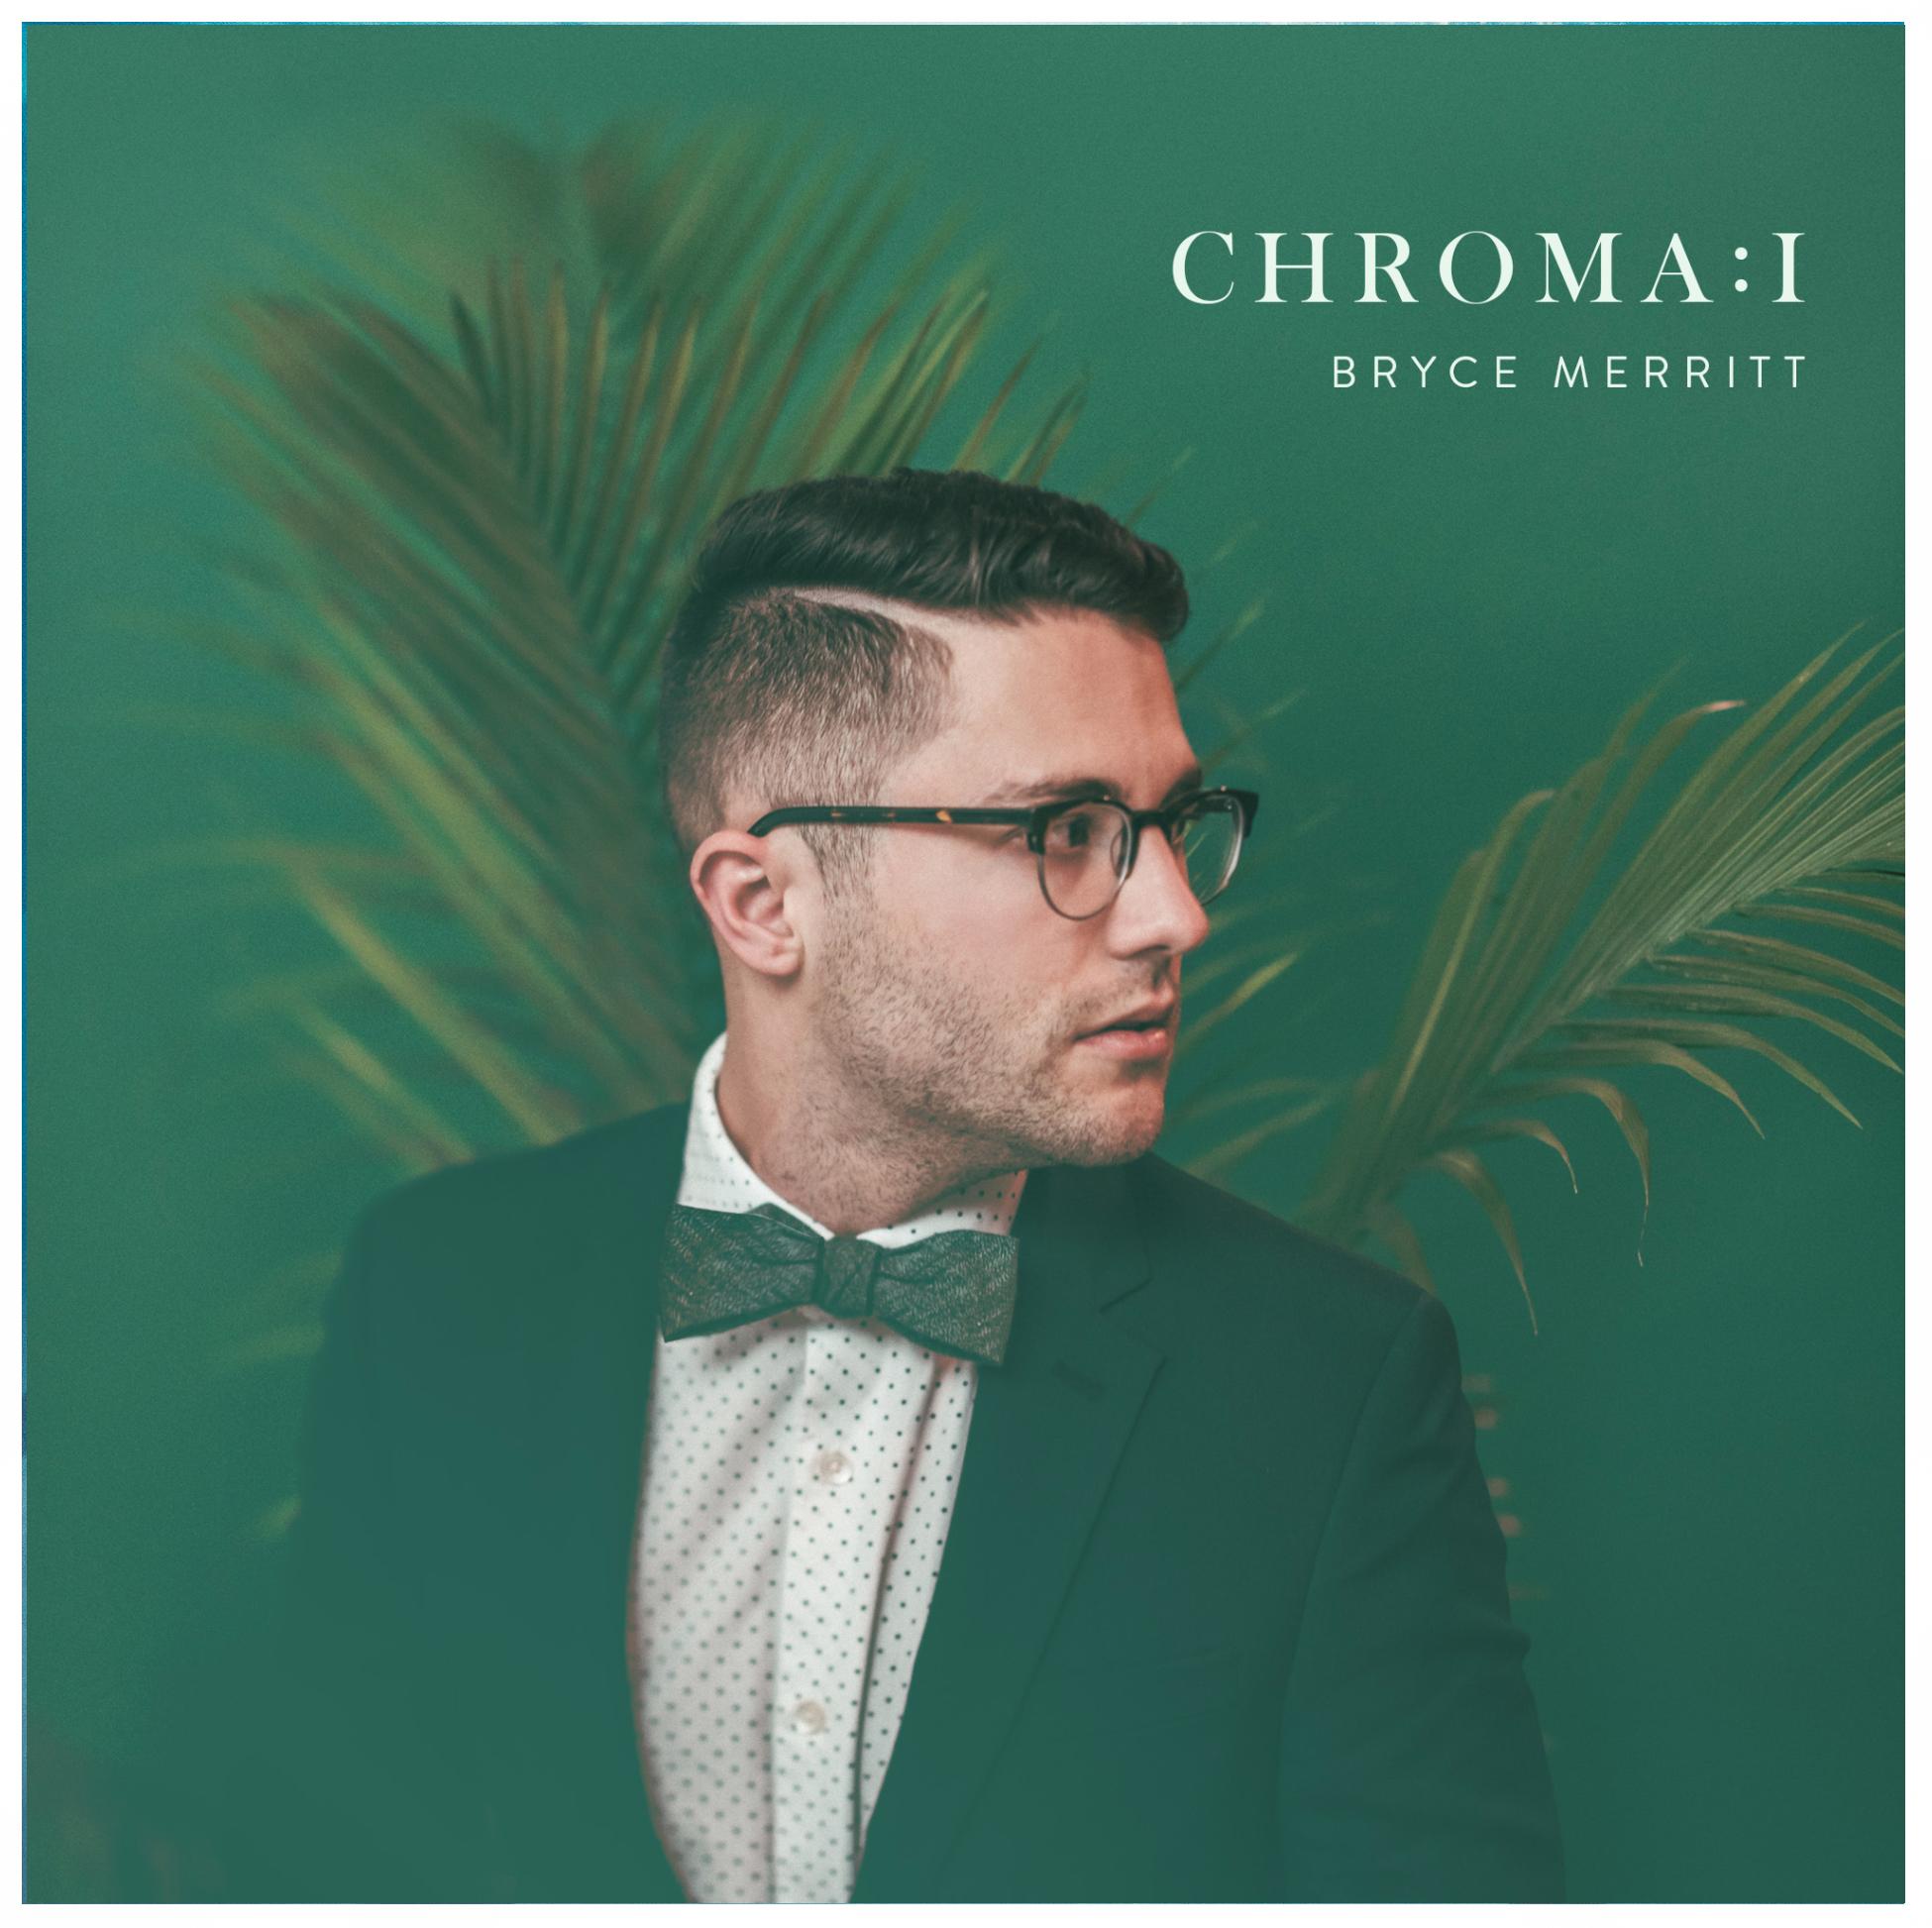 chroma-i-front-1 white border.jpg